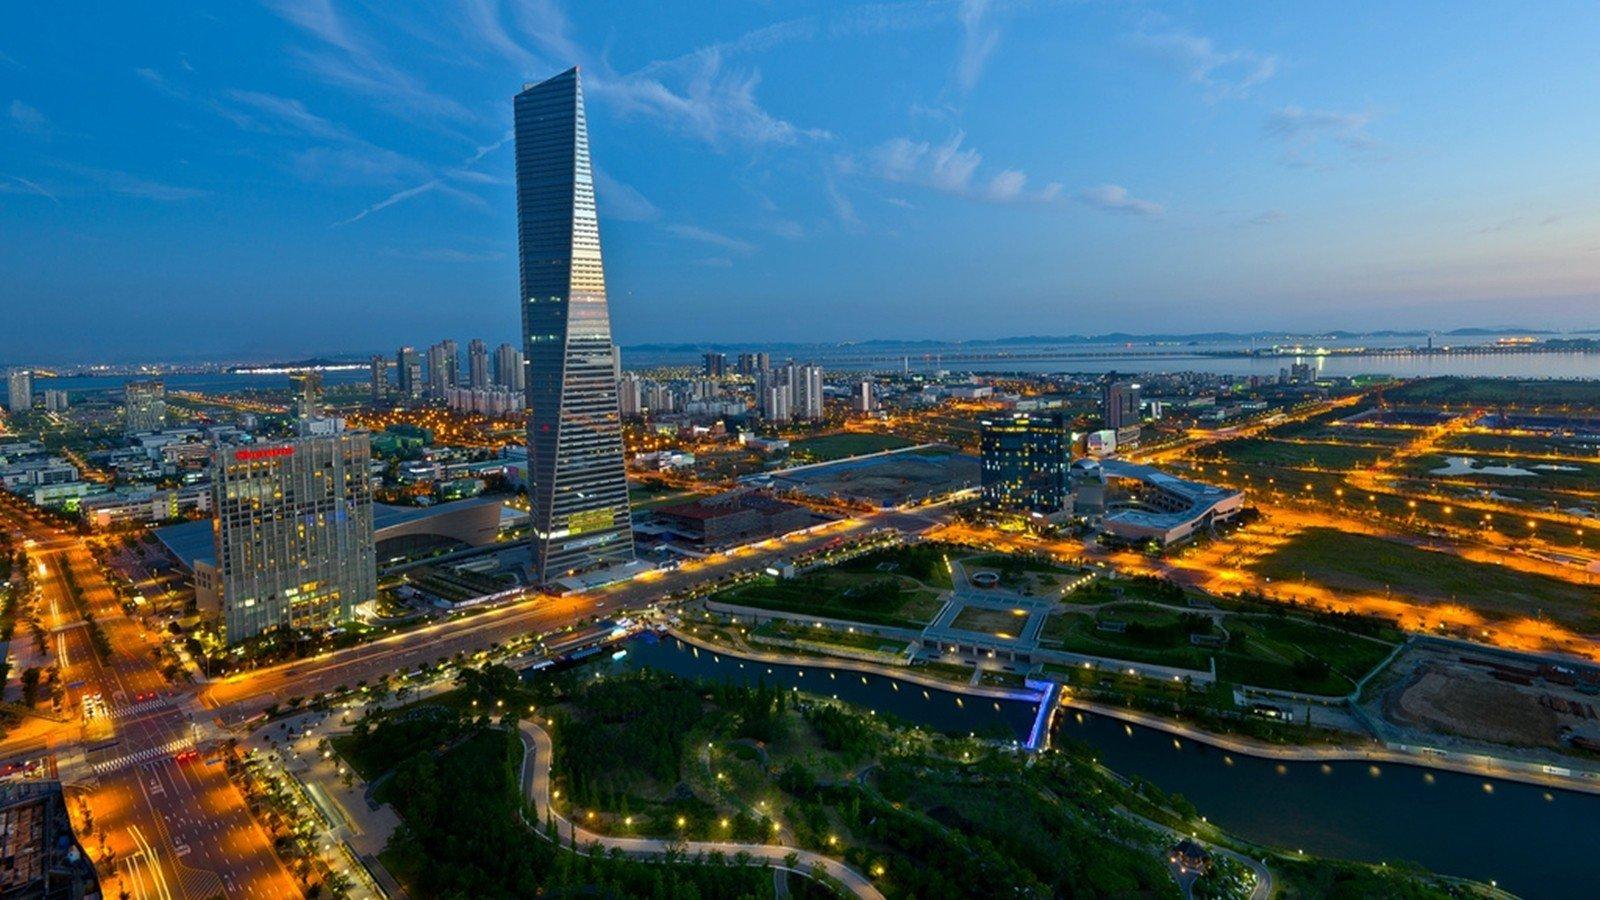 Cityscape Lights Seoul South Korea Hd Wallpapers